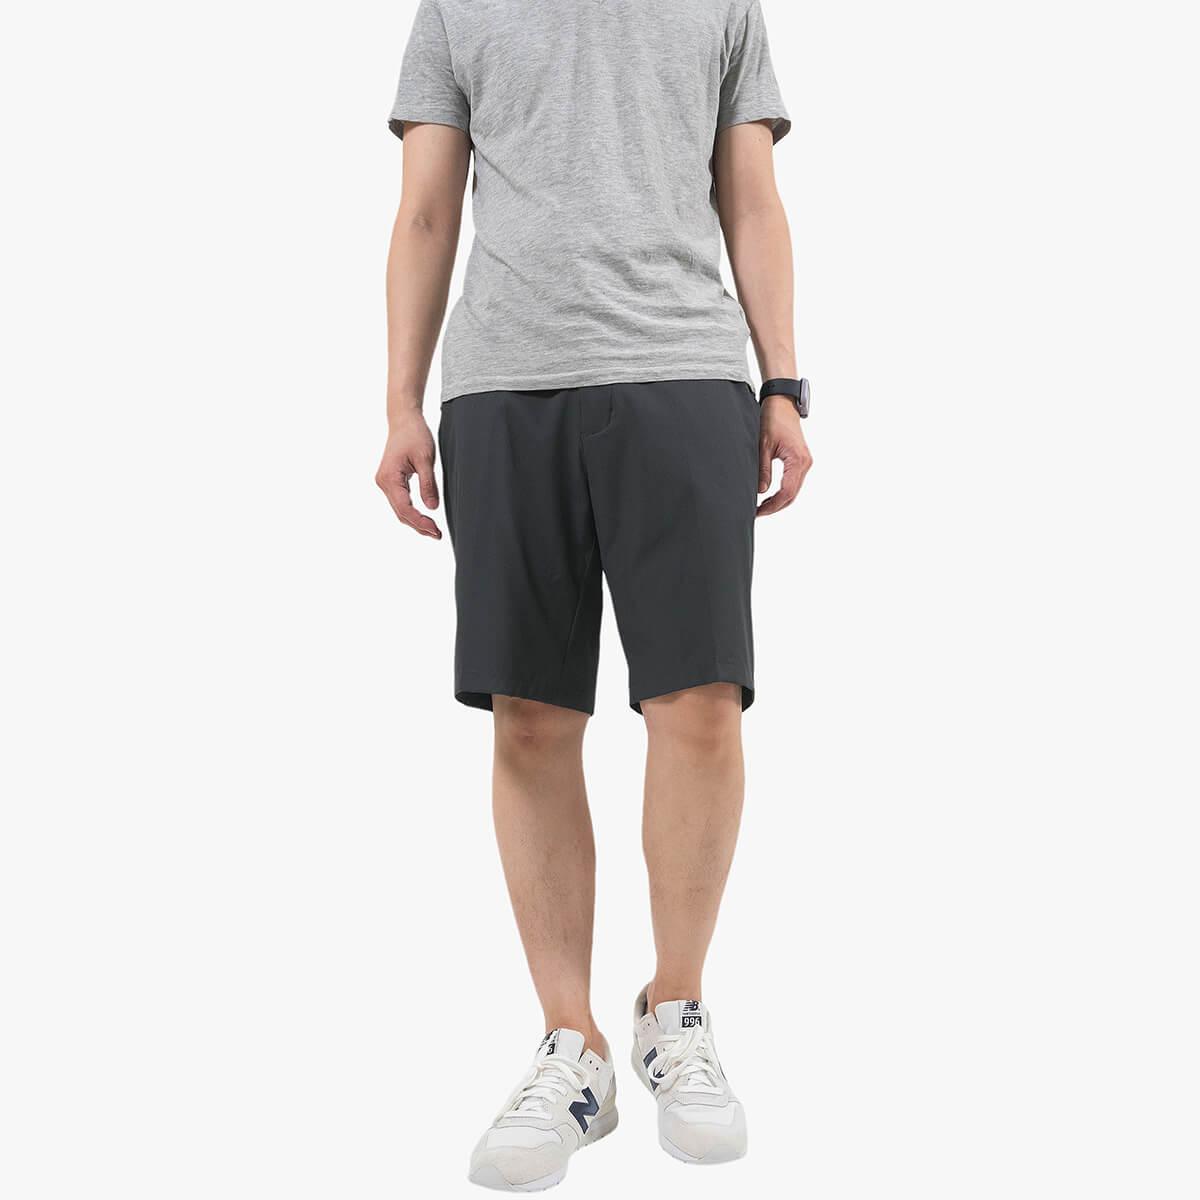 透氣速乾超輕薄五分褲 涼爽休閒短褲 機能纖維休閒褲 腰圍鬆緊帶黑色短褲 Men's Casual Shorts Quick Drying Breathable Fabric (390-8962-22)